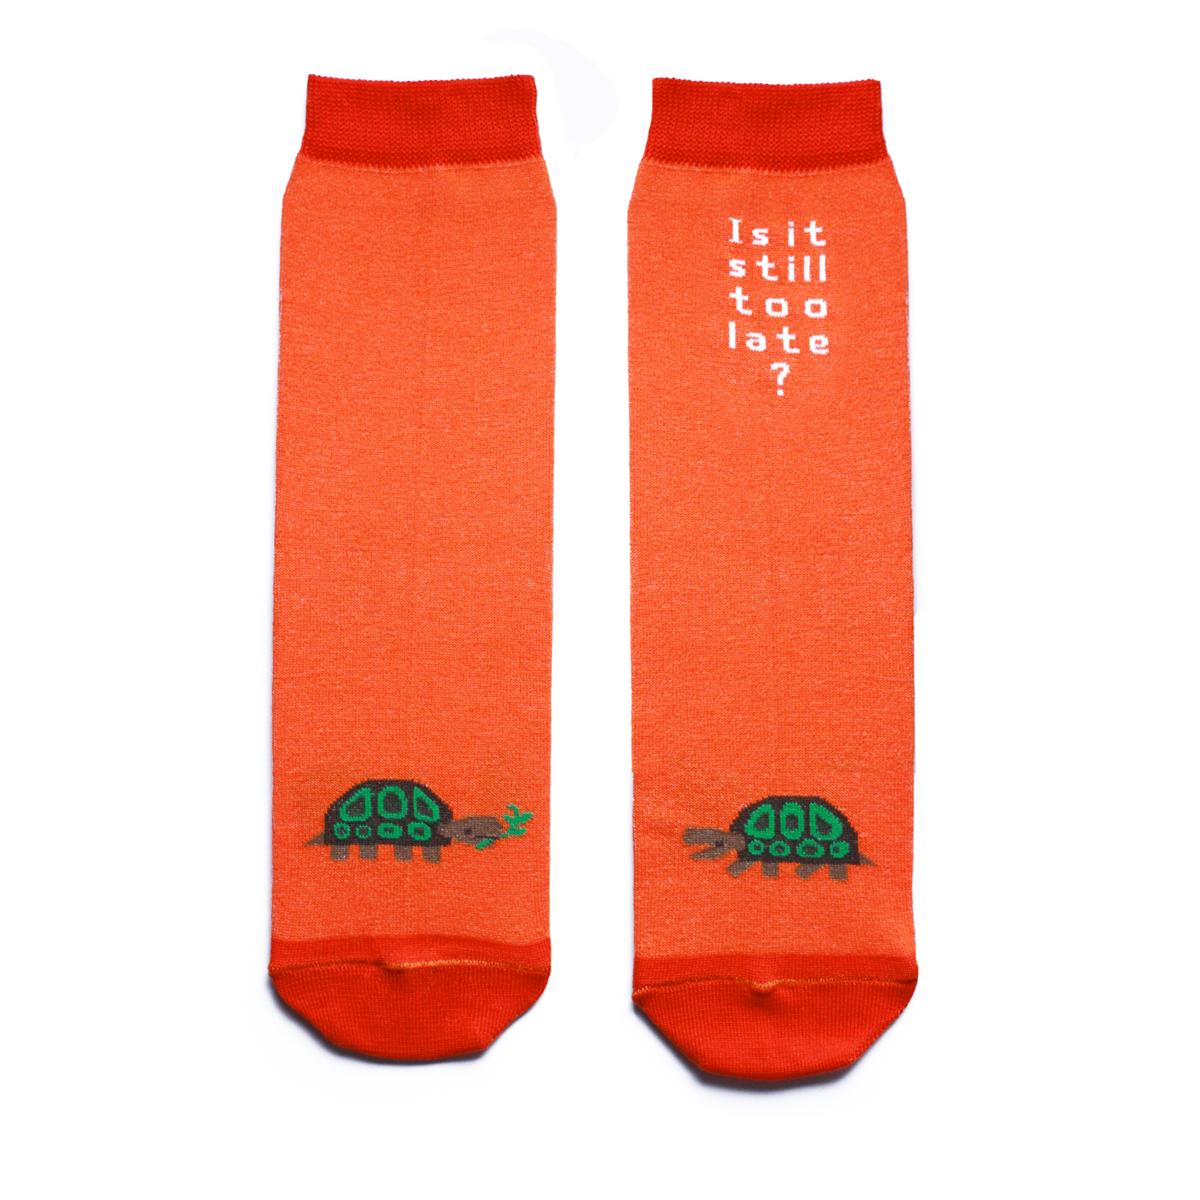 Носки мужские Big Bang Socks, цвет: оранжевый. ca1531. Размер 40/44ca1531Мужские носки Big Bang Socks изготовлены из высококачественного хлопка с добавлением полиамидных и эластановых волокон, которые обеспечивают великолепную посадку. Носки отличаются ярким стильным дизайном, они оформлены изображением черепахи и надписью: Is it still too late?. Удобная широкая резинка идеально облегает ногу и не пережимает сосуды, усиленные пятка и мысок повышают износоустойчивость носка, а удлиненный паголенок придает более эстетичный вид. Дизайнерские носки Big Bang Socks - яркая деталь в вашем образе и оригинальный подарок для друзей и близких.